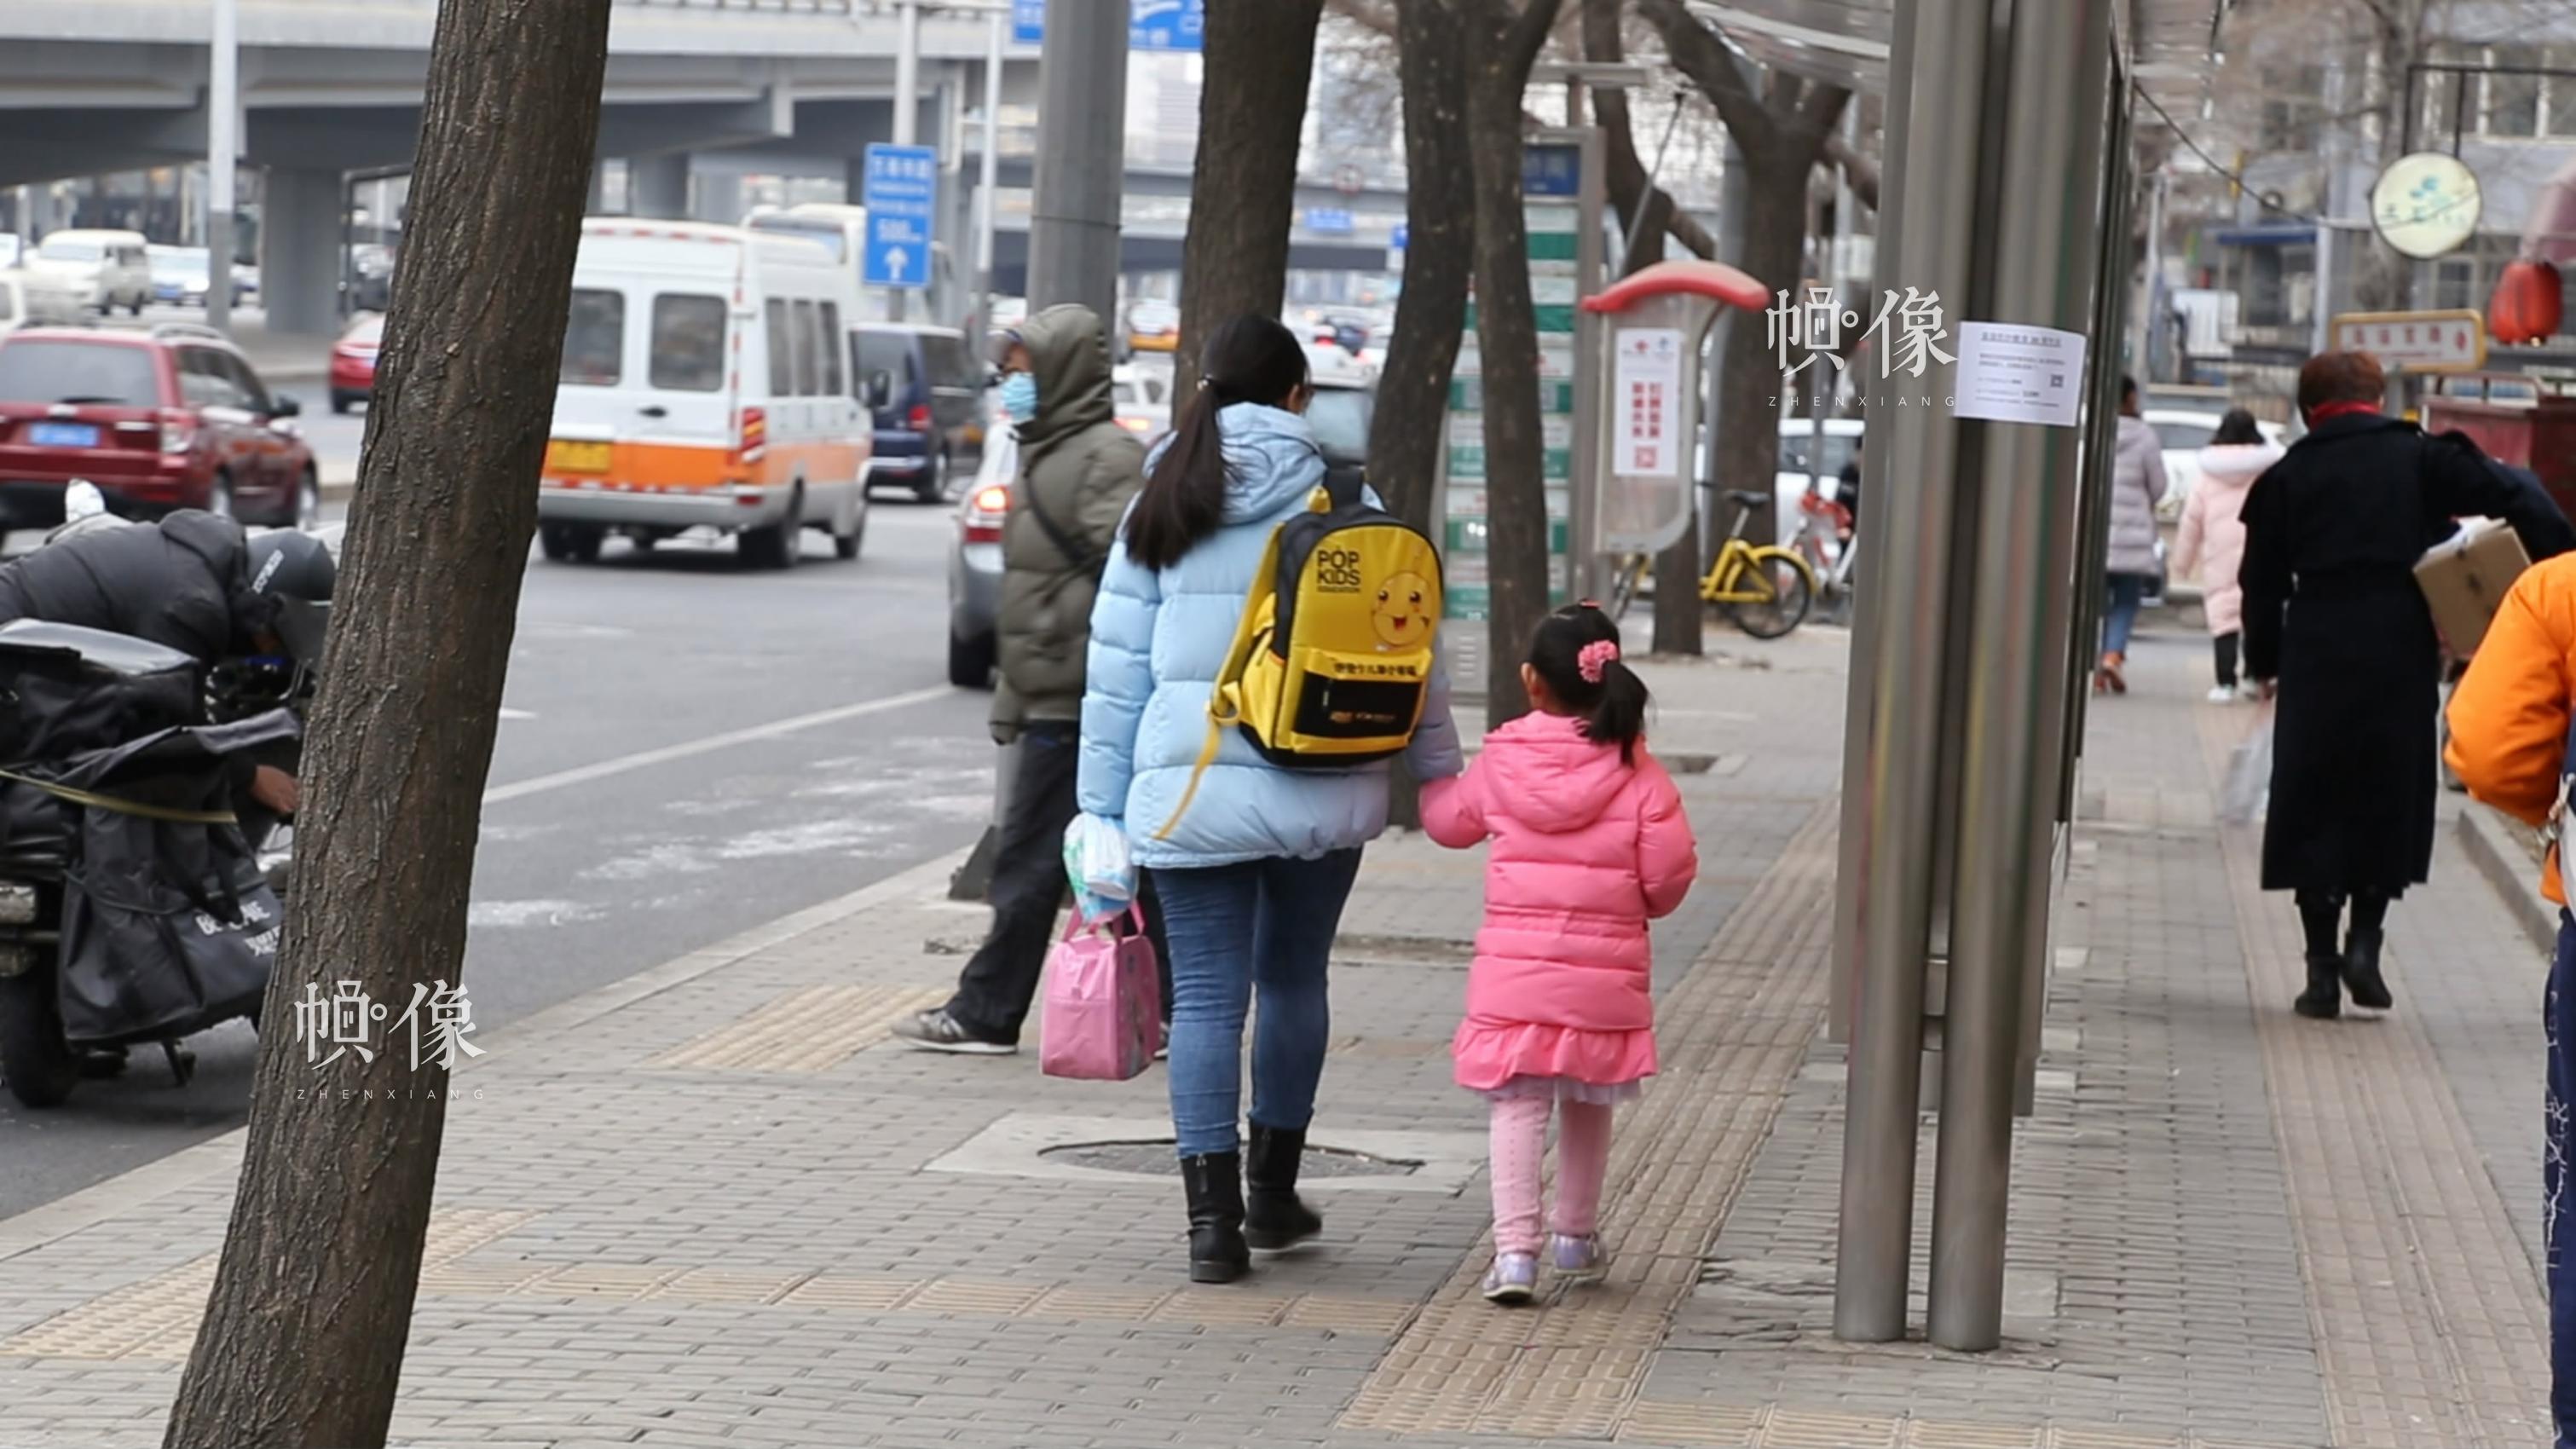 2018年3月6日下午,北京海淀实验小学附近,一女子牵着刚下学的女儿走在回家的路上。中国网记者 赵超 摄